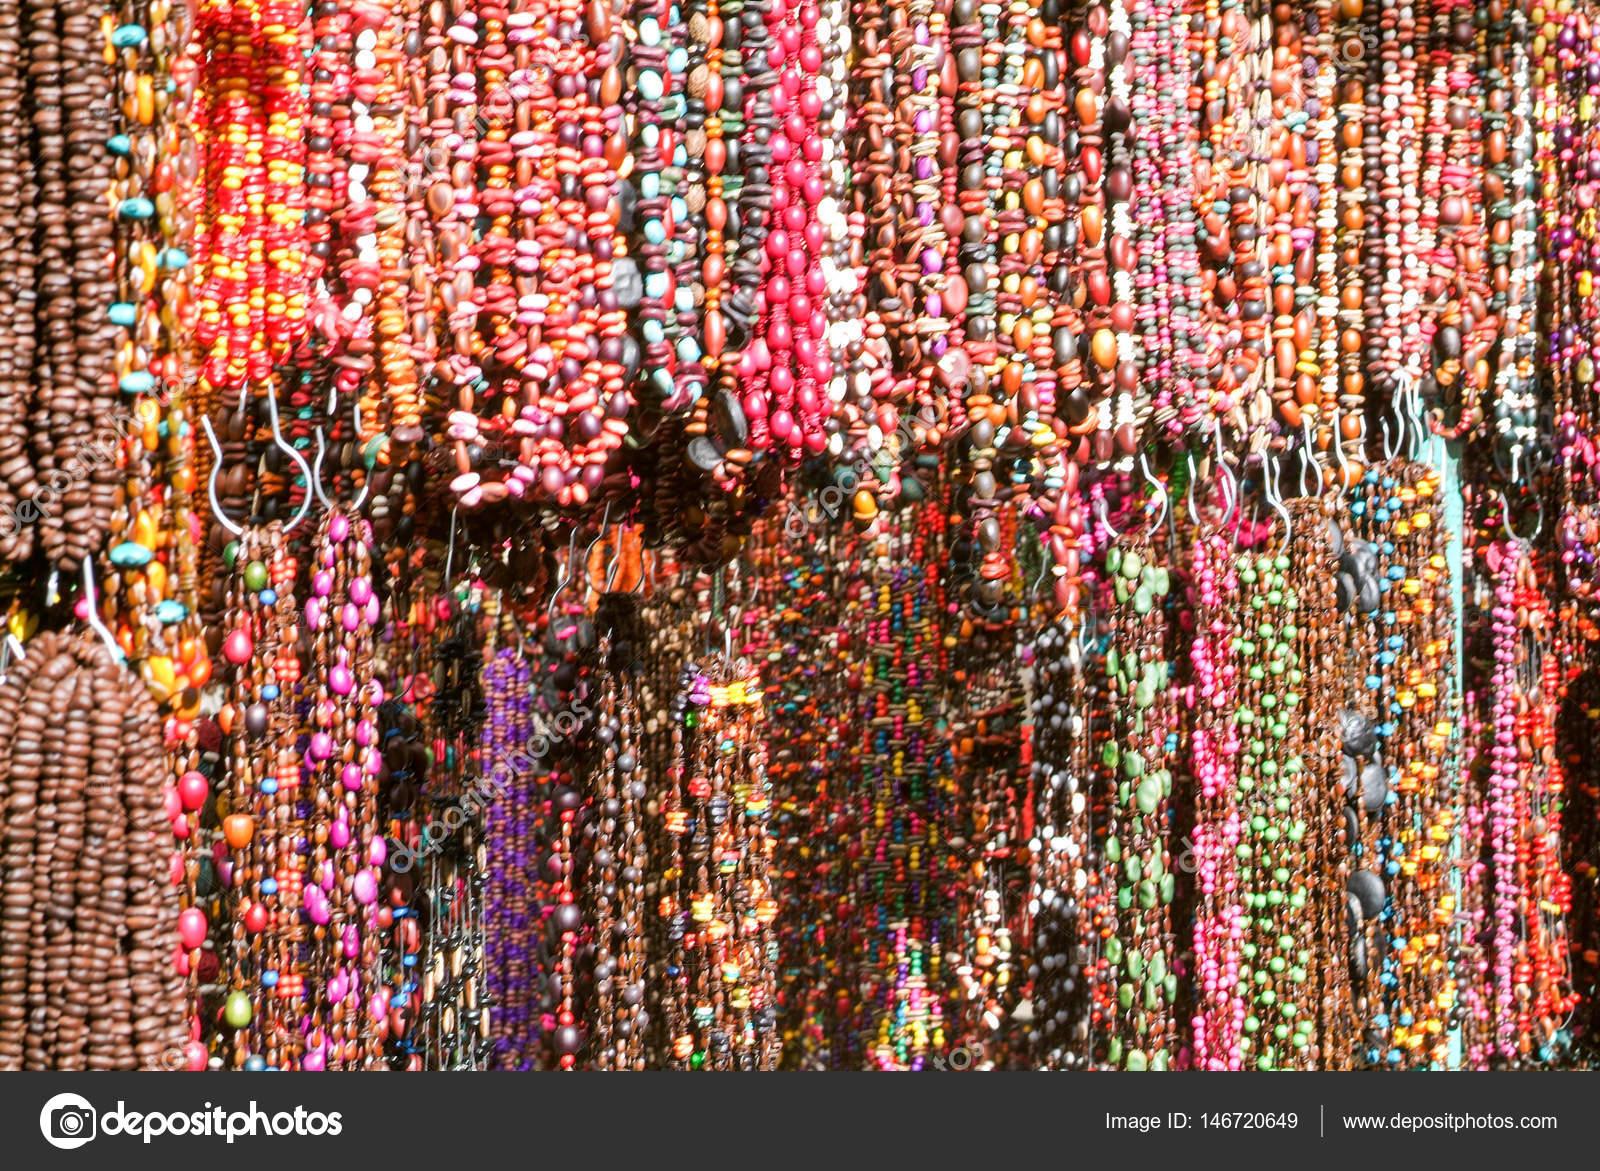 Artesanato Indiano Resumo ~ Gr u00e2nulos mexicanos, mercado de artesanato indiano u2014 Stock Photo u00a9 Fotoember #146720649